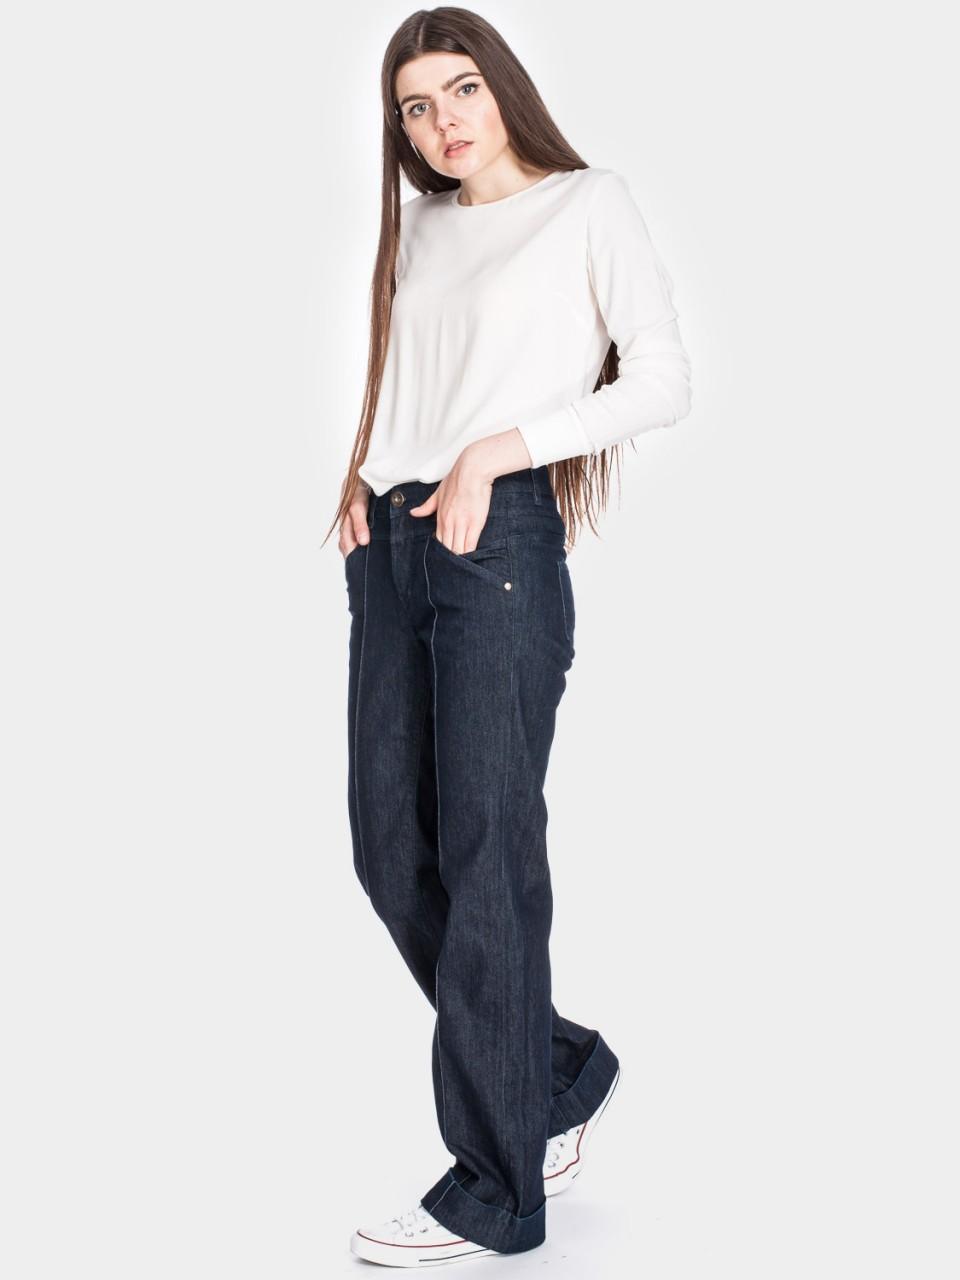 Jeans Marilene Lurdes 05753 DBL